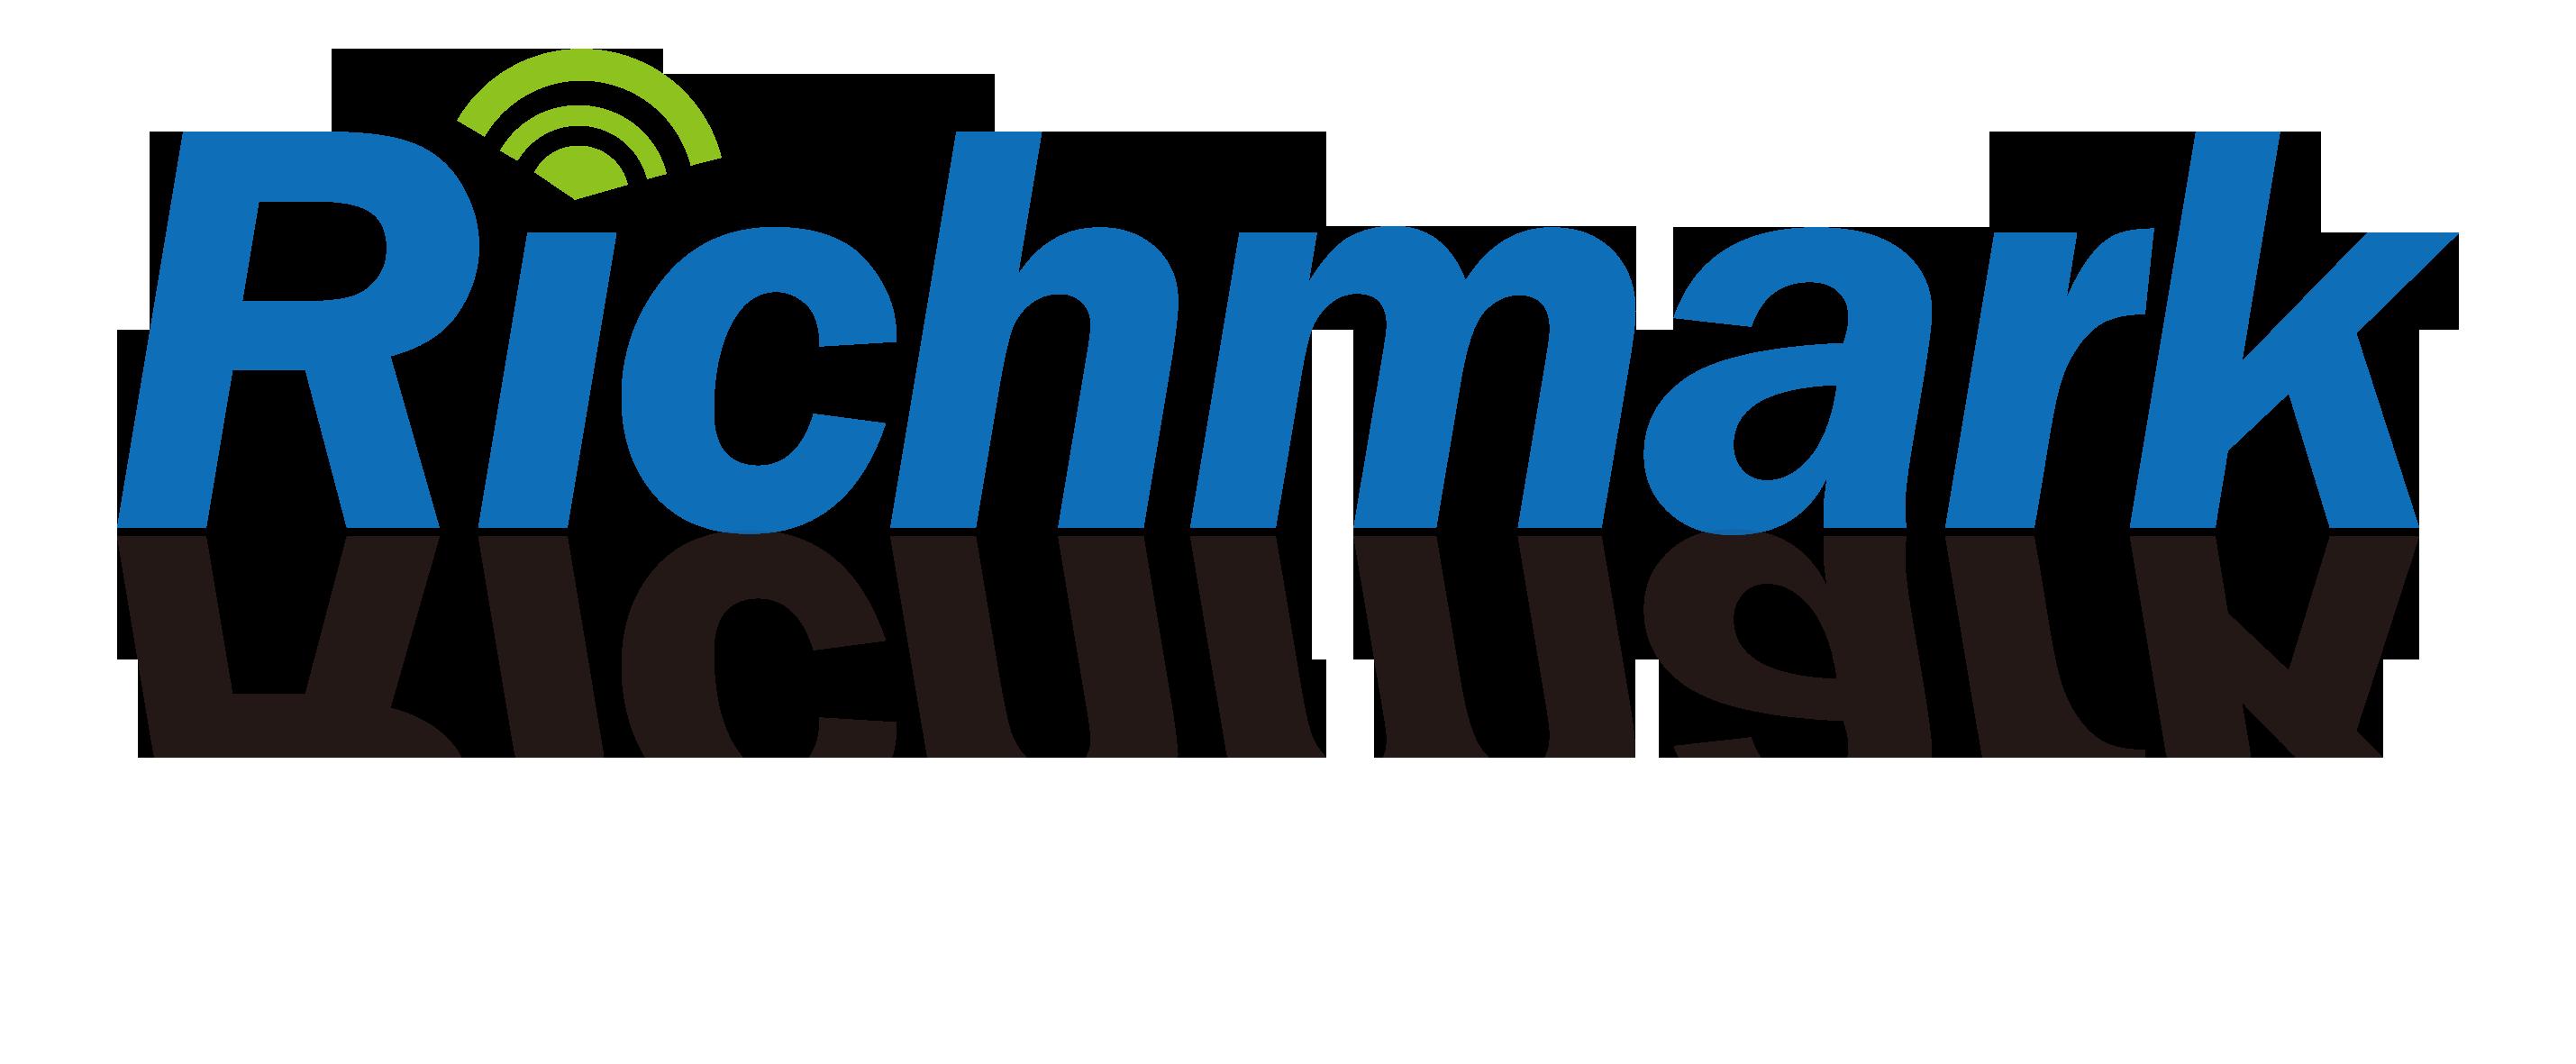 英文 > About_上海丰赐信息科技有限公司 - 达索授权代理商